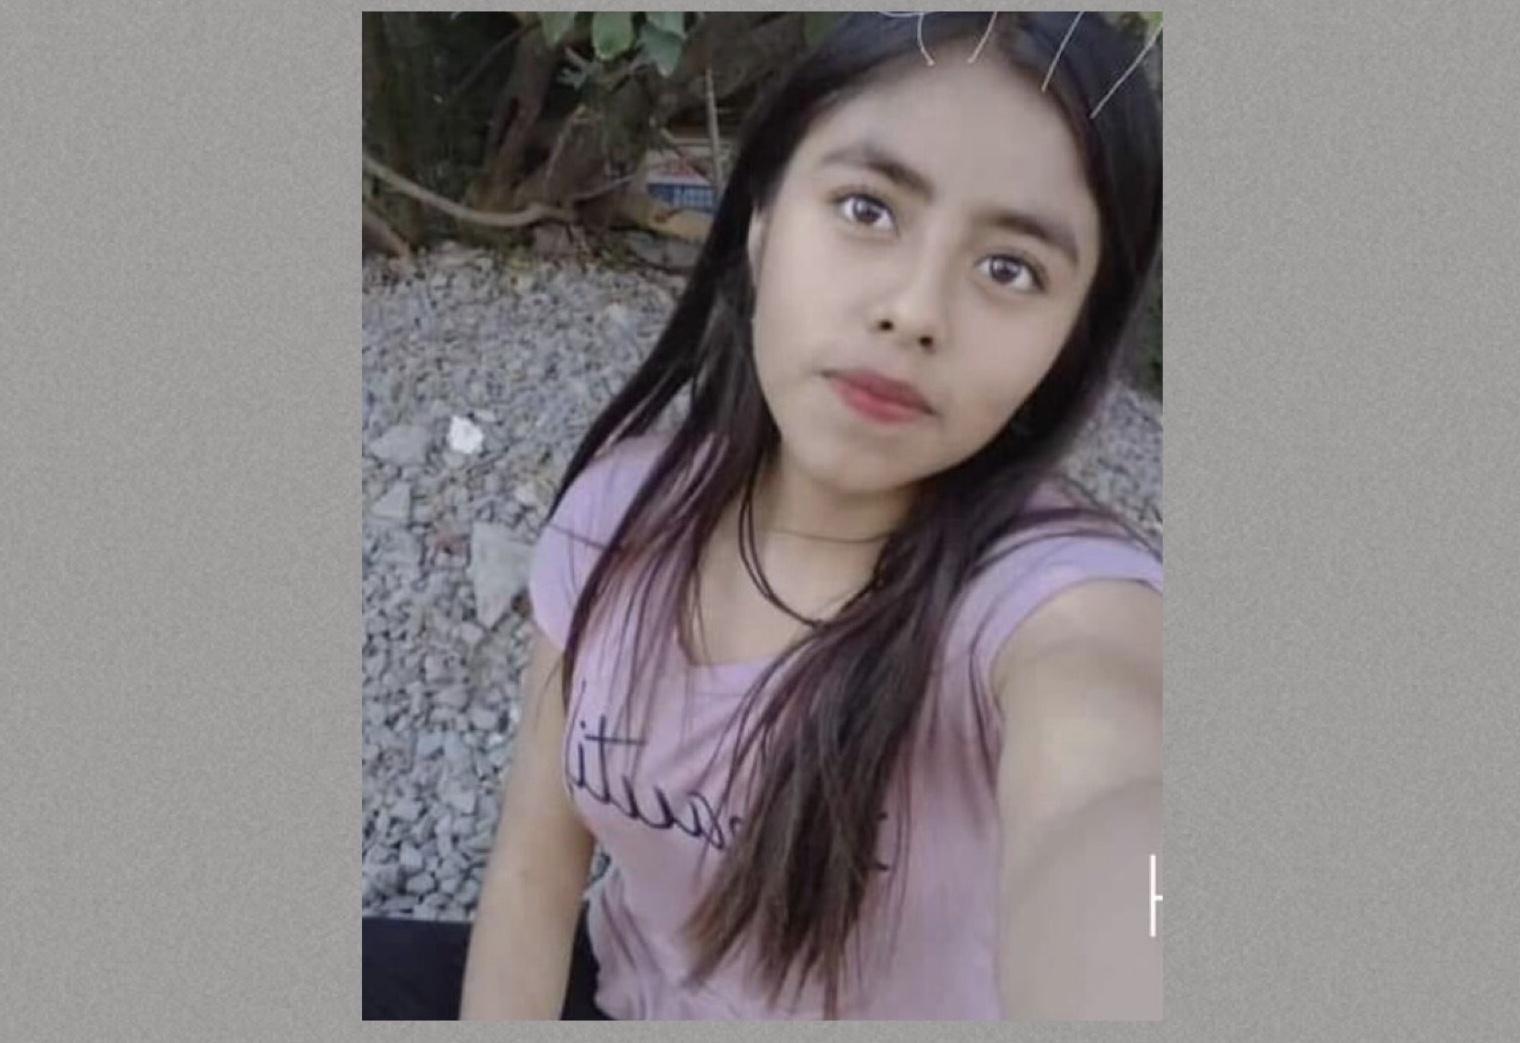 Melani abordó la combi en Huitziltepec y ahora está desaparecida